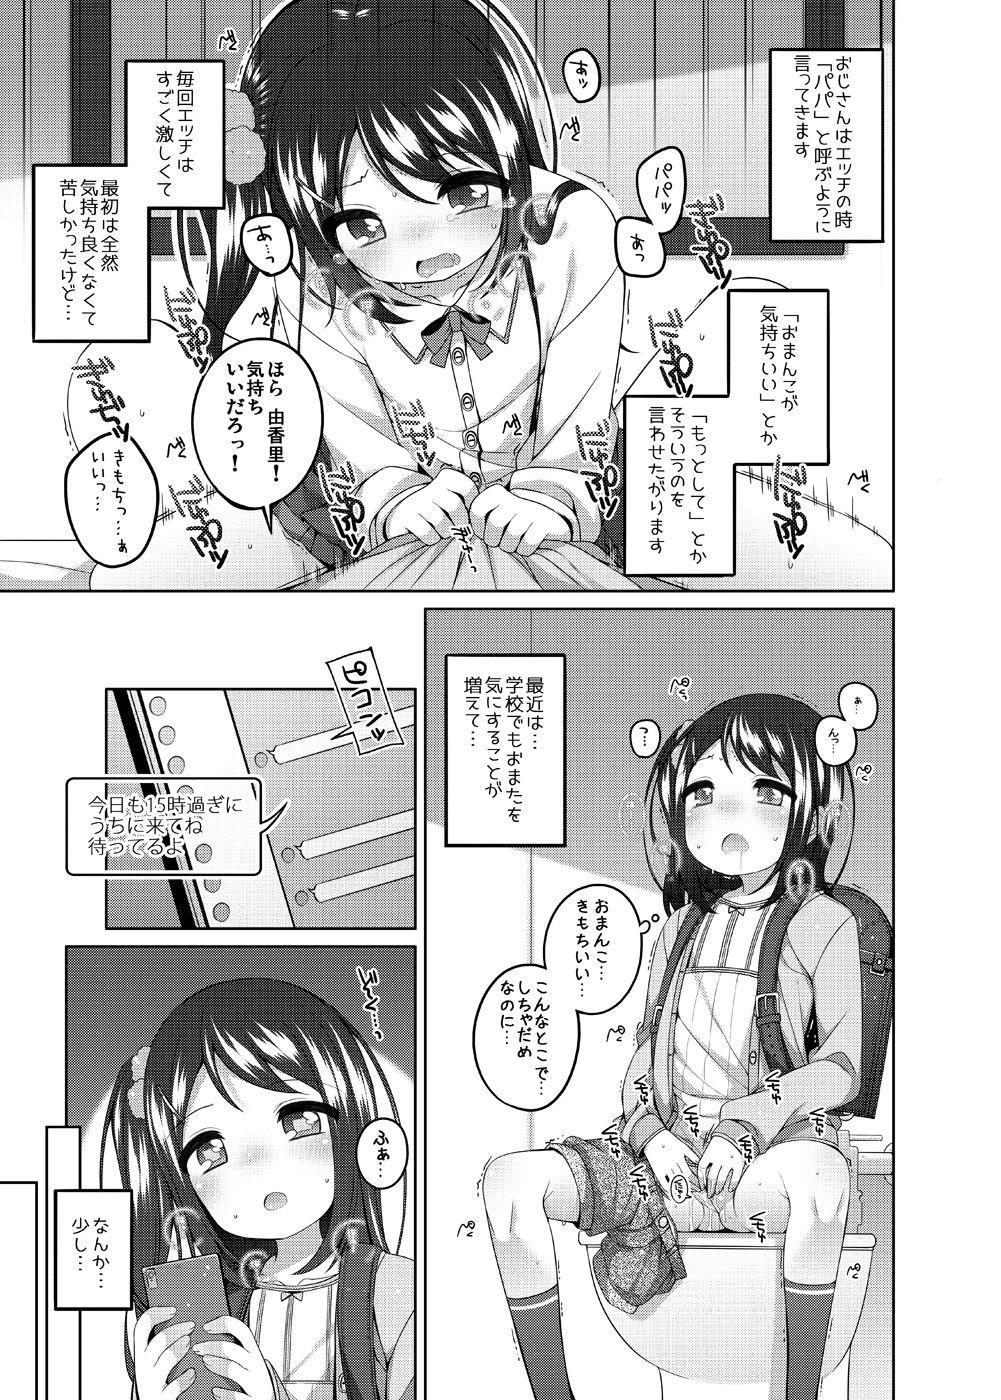 Yukari-chan no Hibi Okasareru Hanashi 5